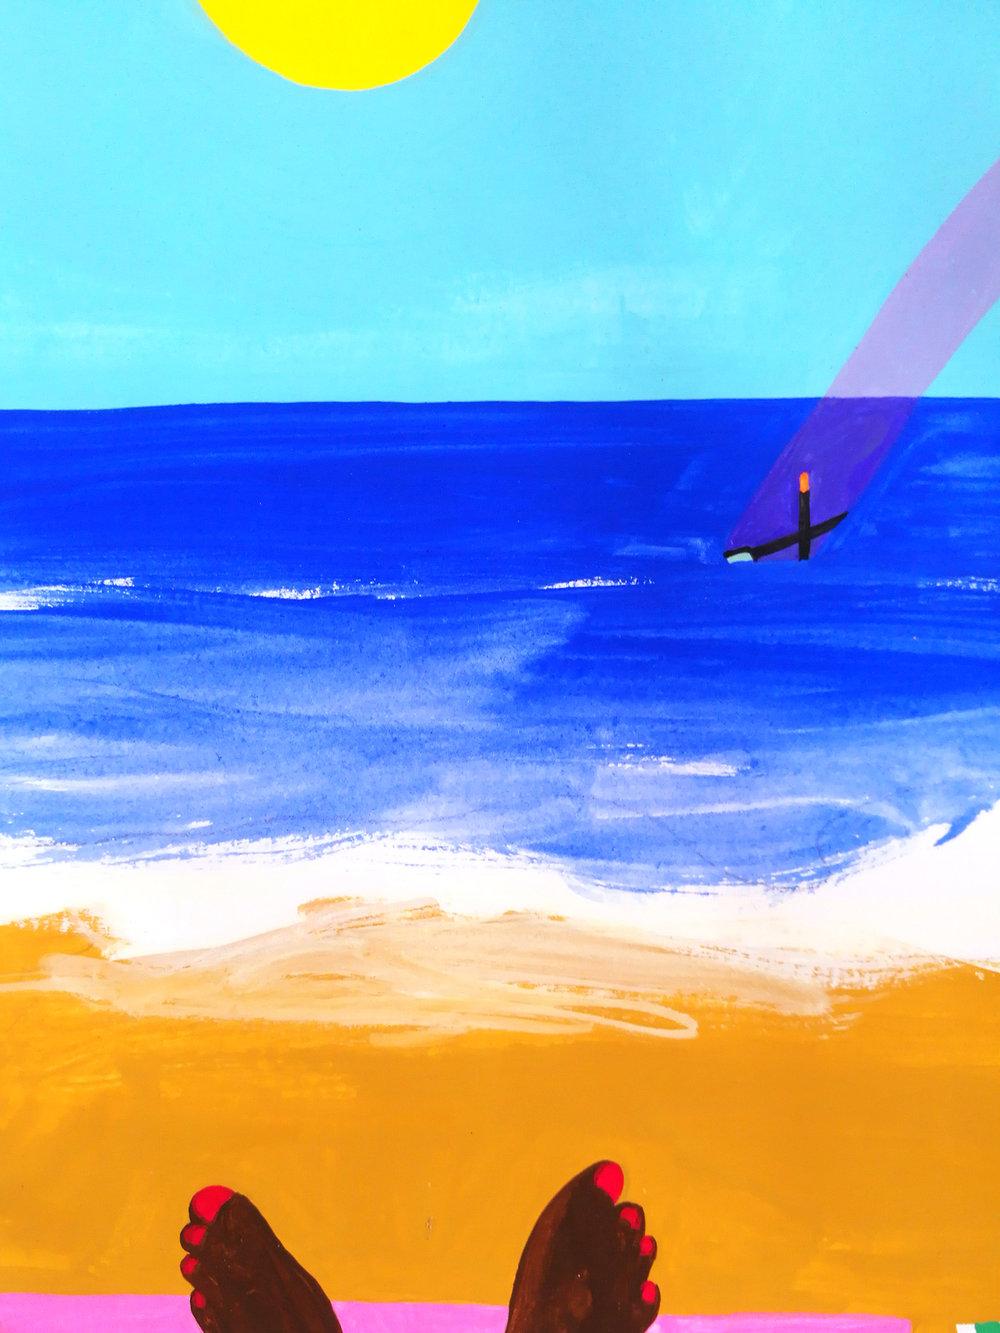 Peter McDonald_Beach_Acrylic gouache on paper_21x30cm_2018_deatsilshot.jpg